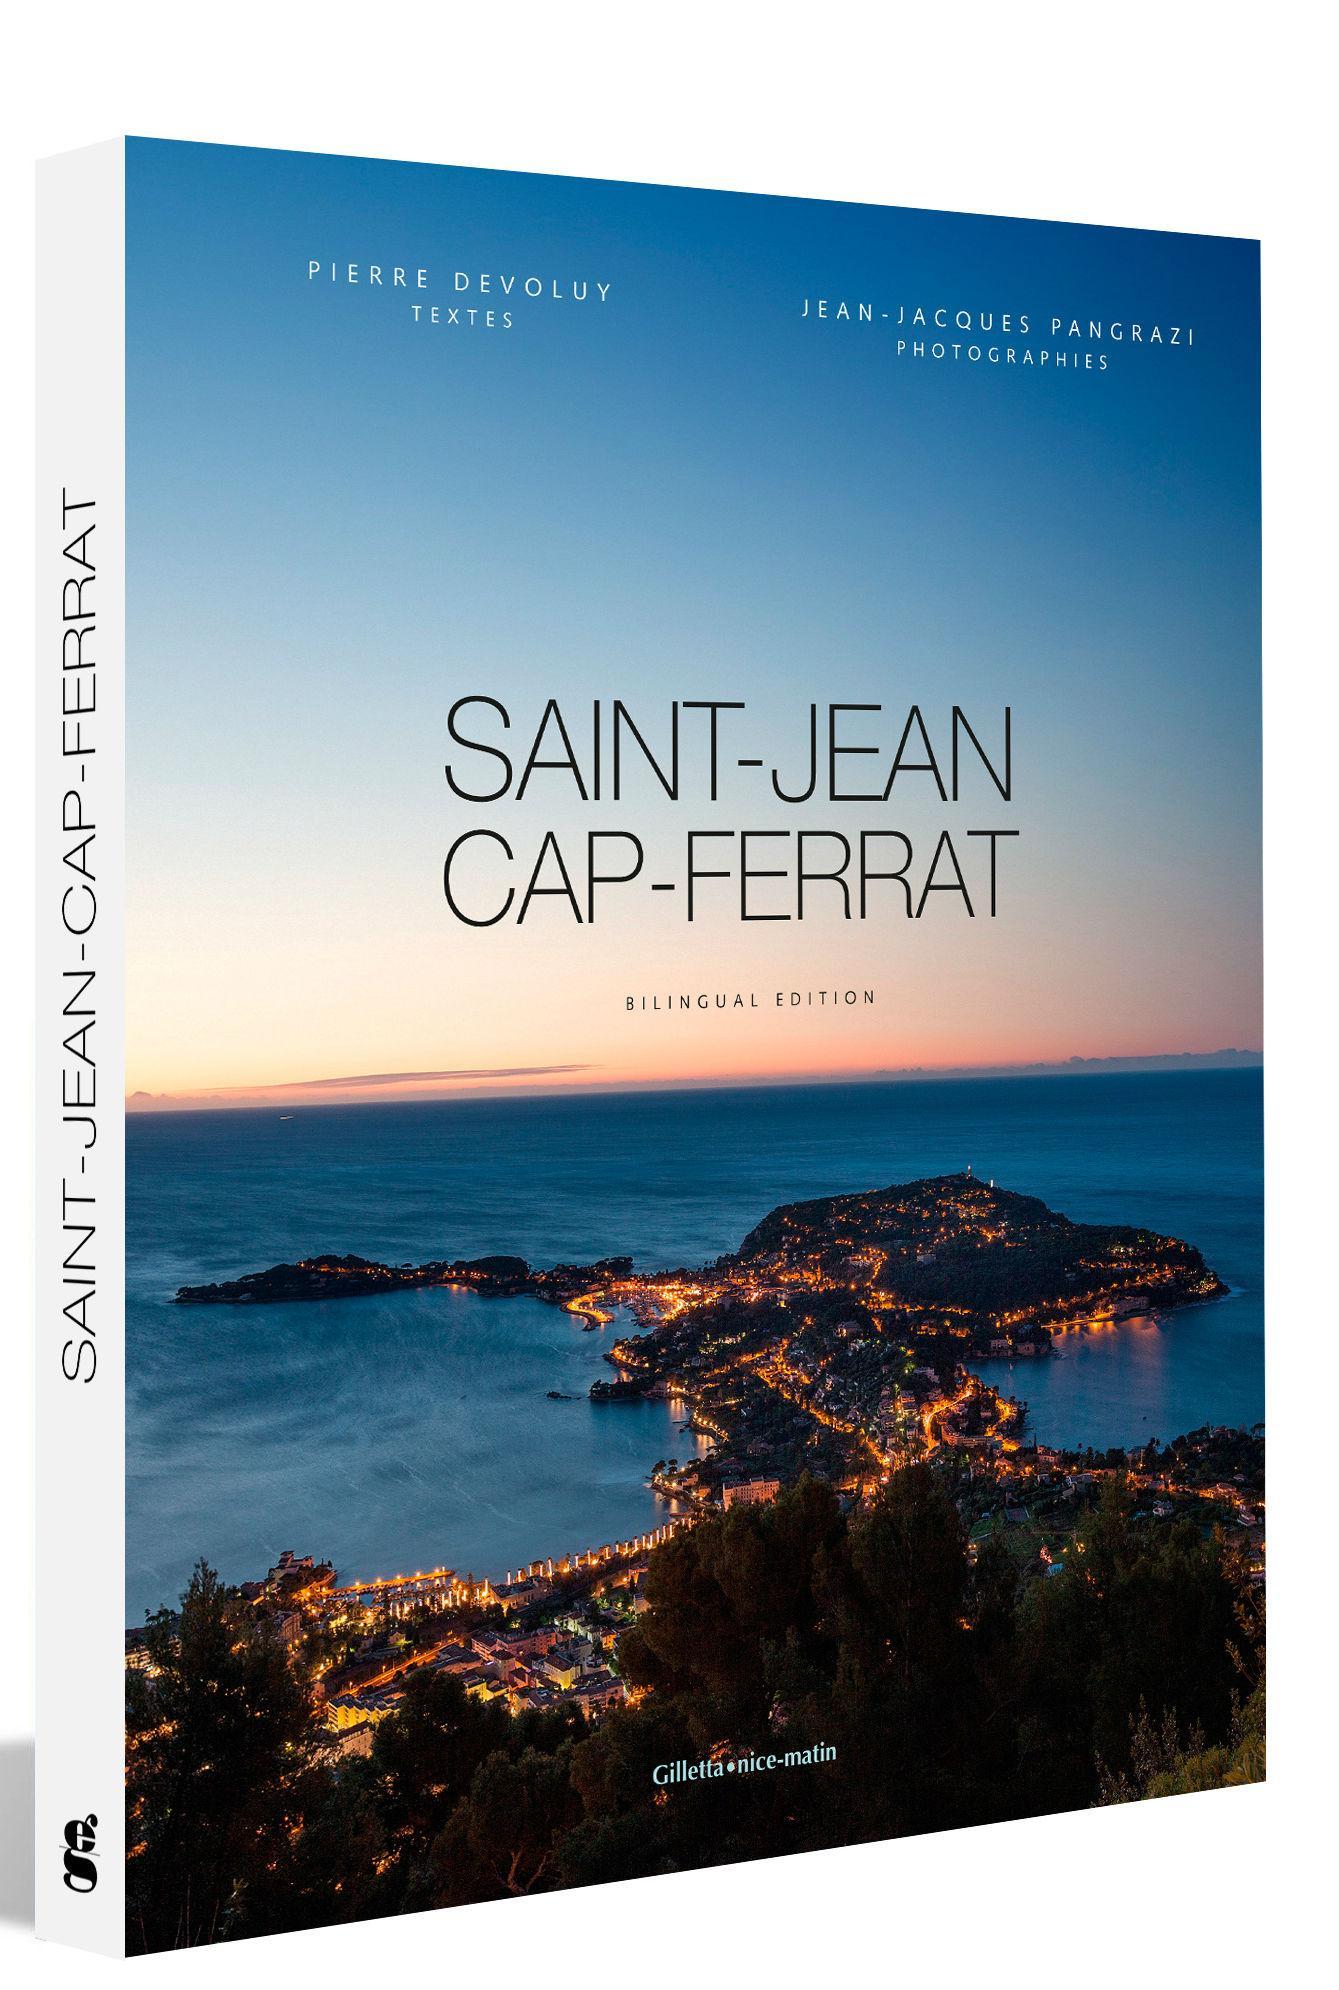 Le nouvel ouvrage des éditions Giletta et signé du photographe  Jean-Jacques Pangrazi met en lumière les plus atours de Saint-Jean-Cap-Ferrat